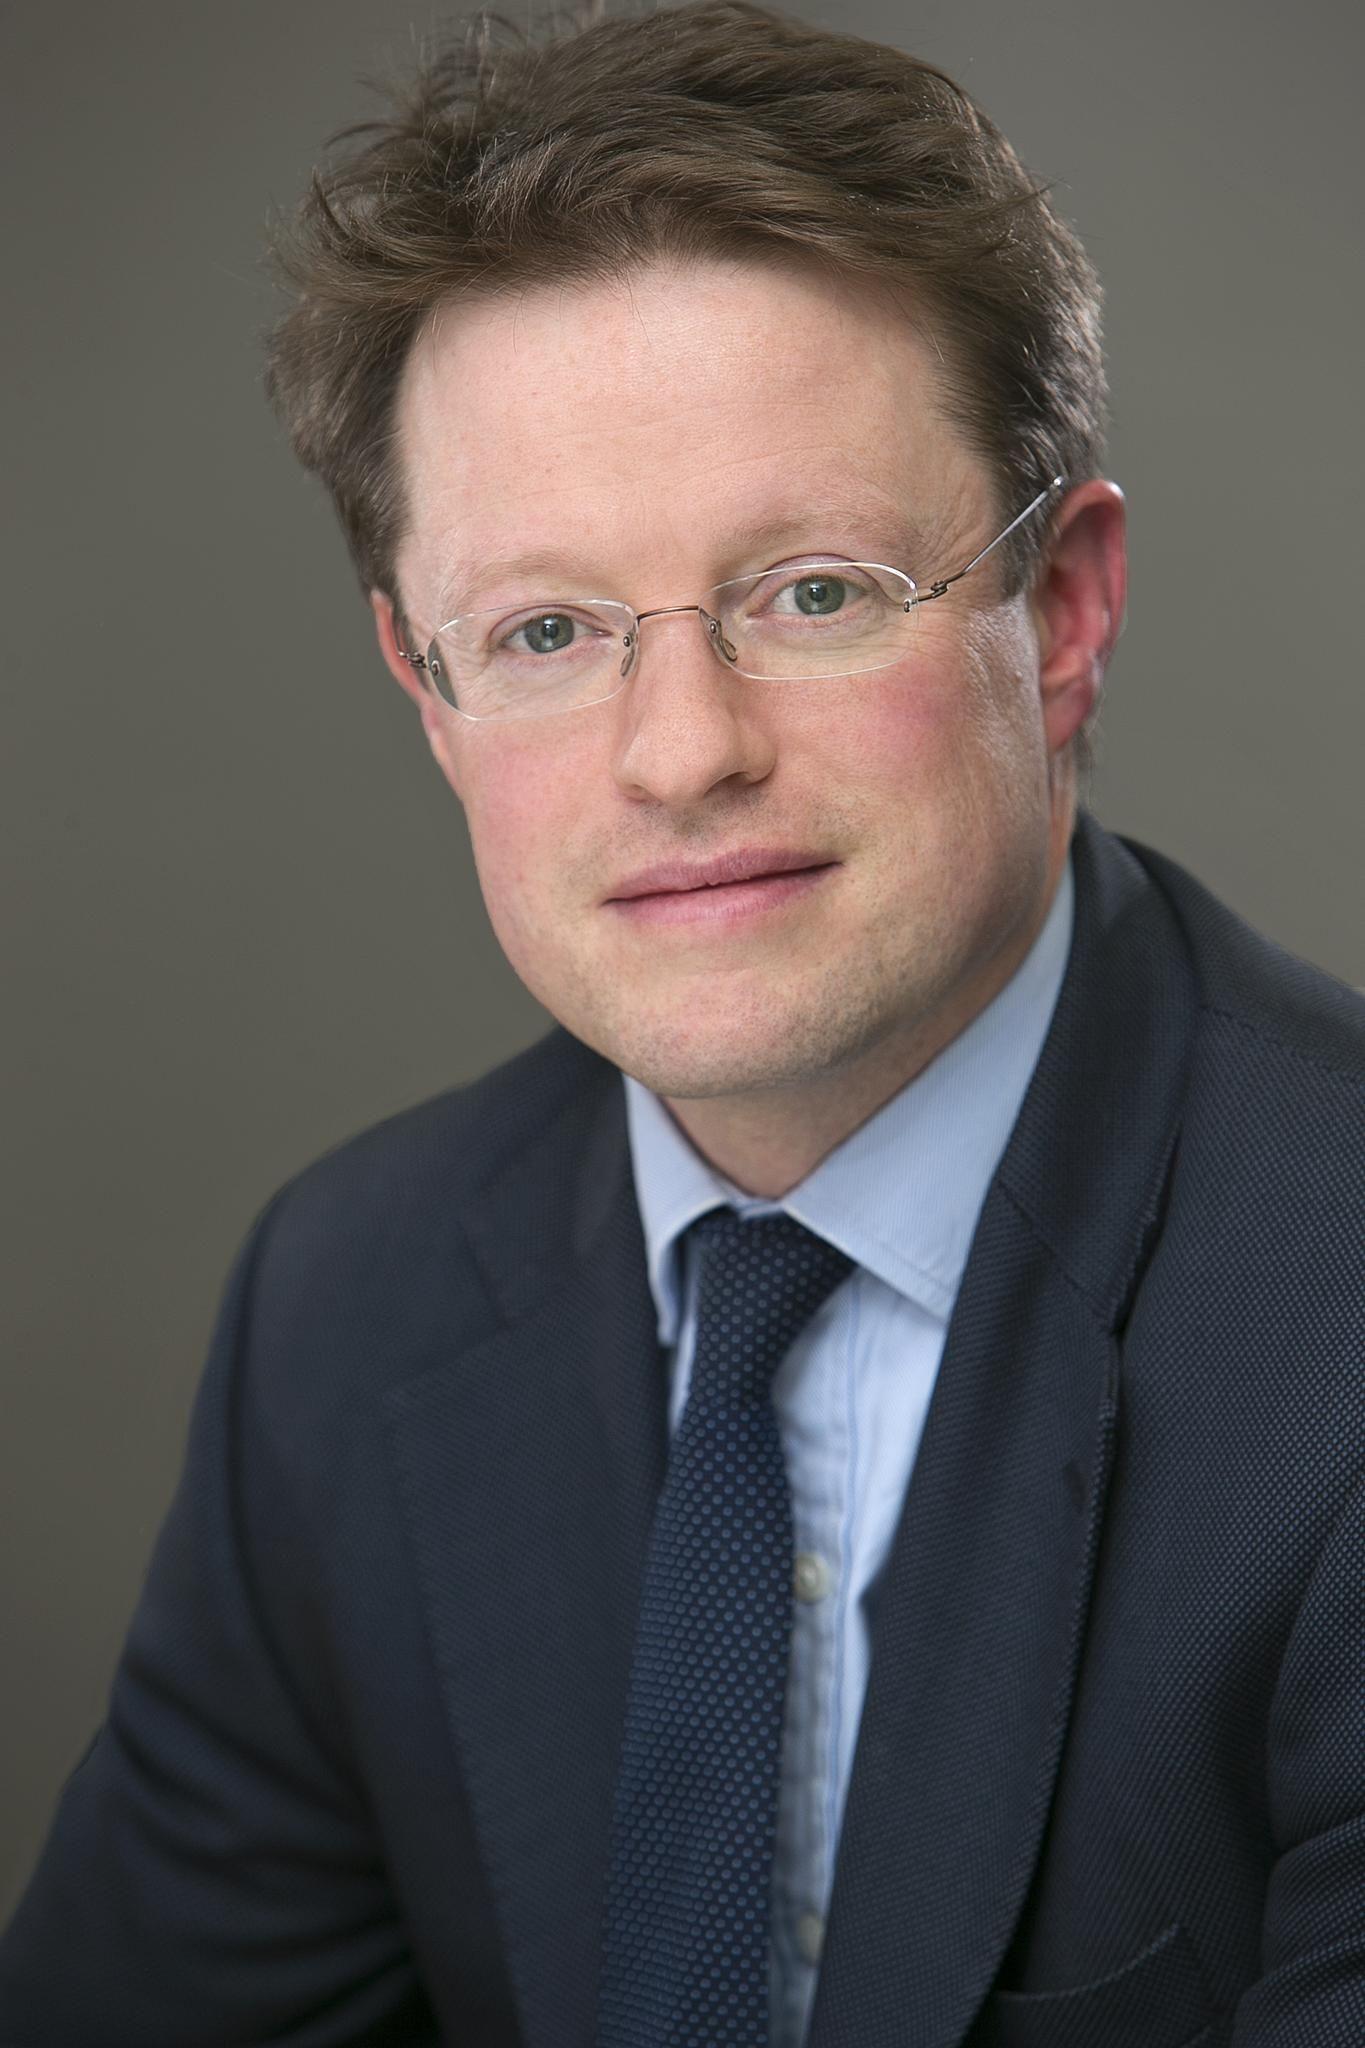 David Churton